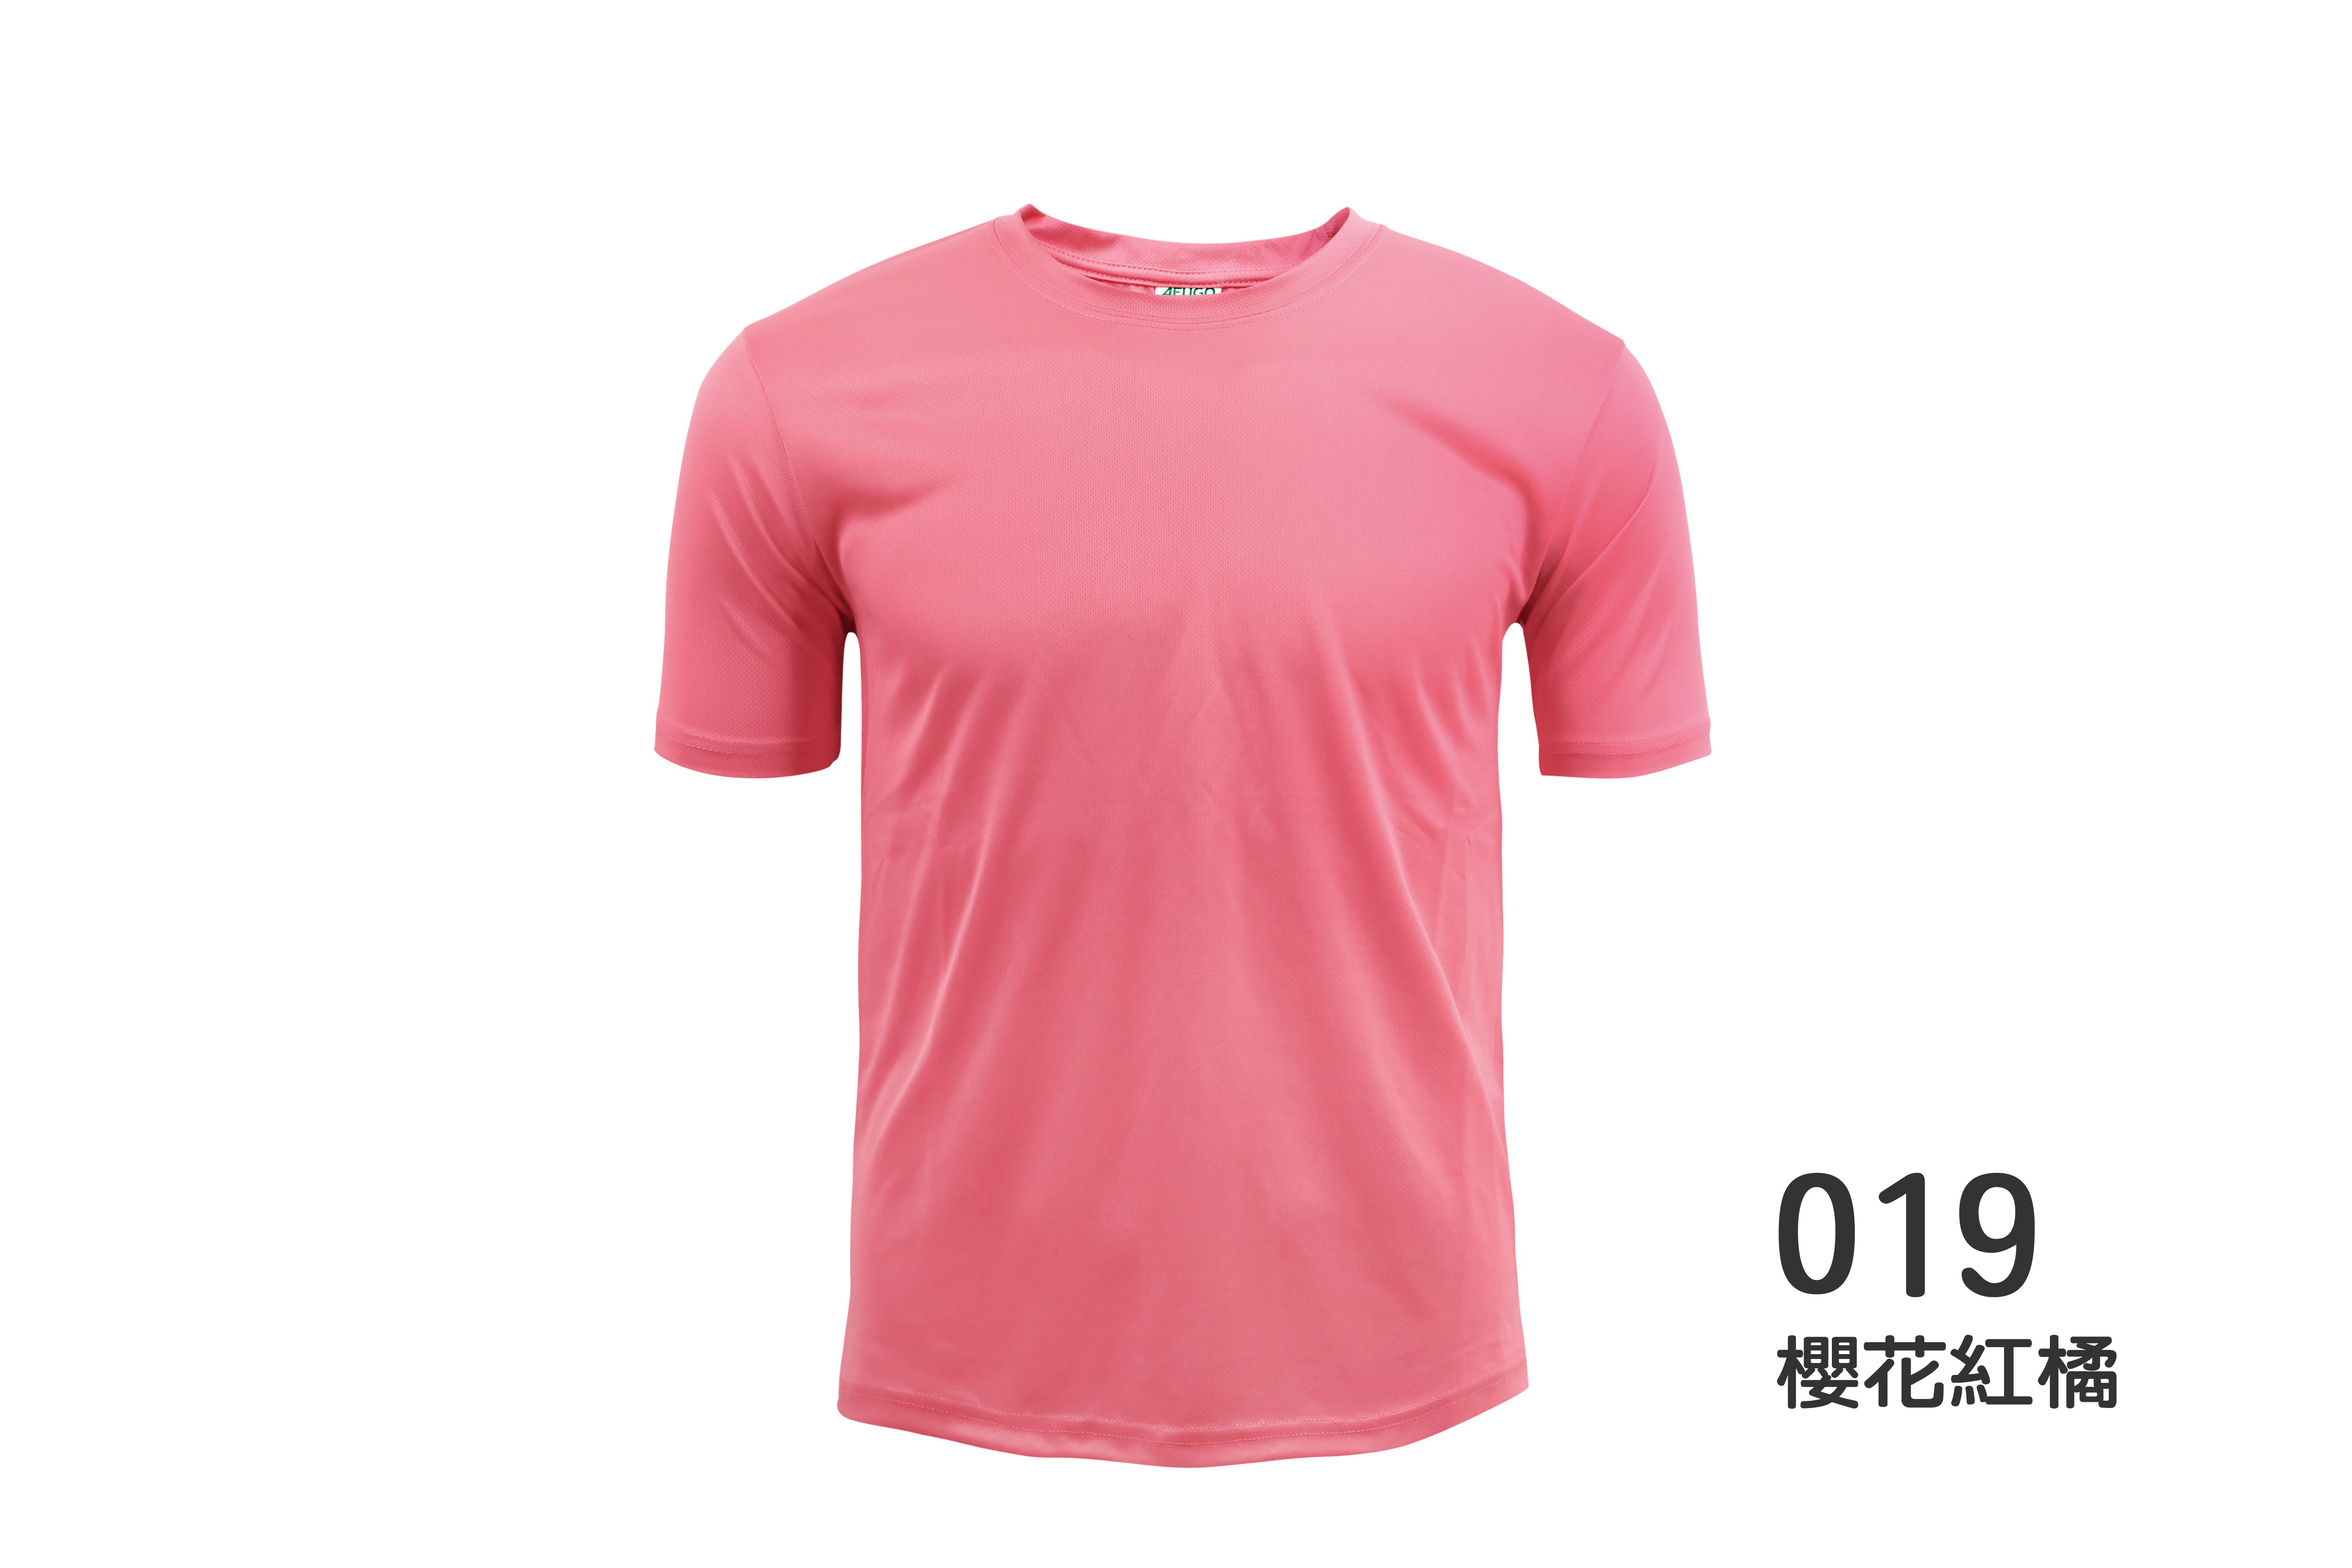 019櫻花紅橘-1-01